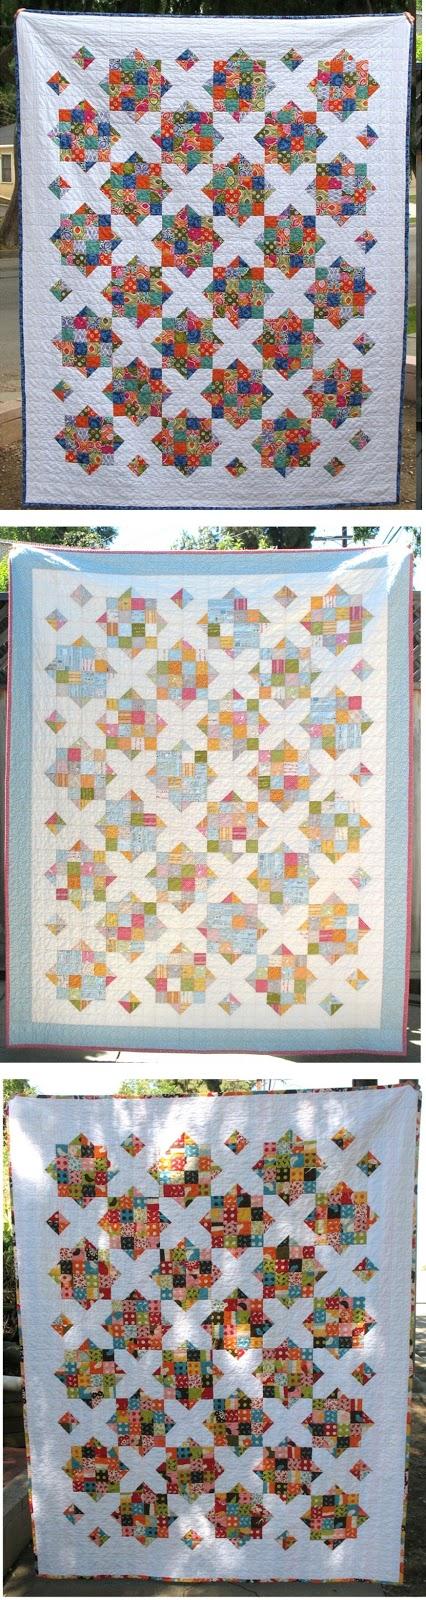 Arkansas Crossroad quilts from Ye Olde Sweatshop